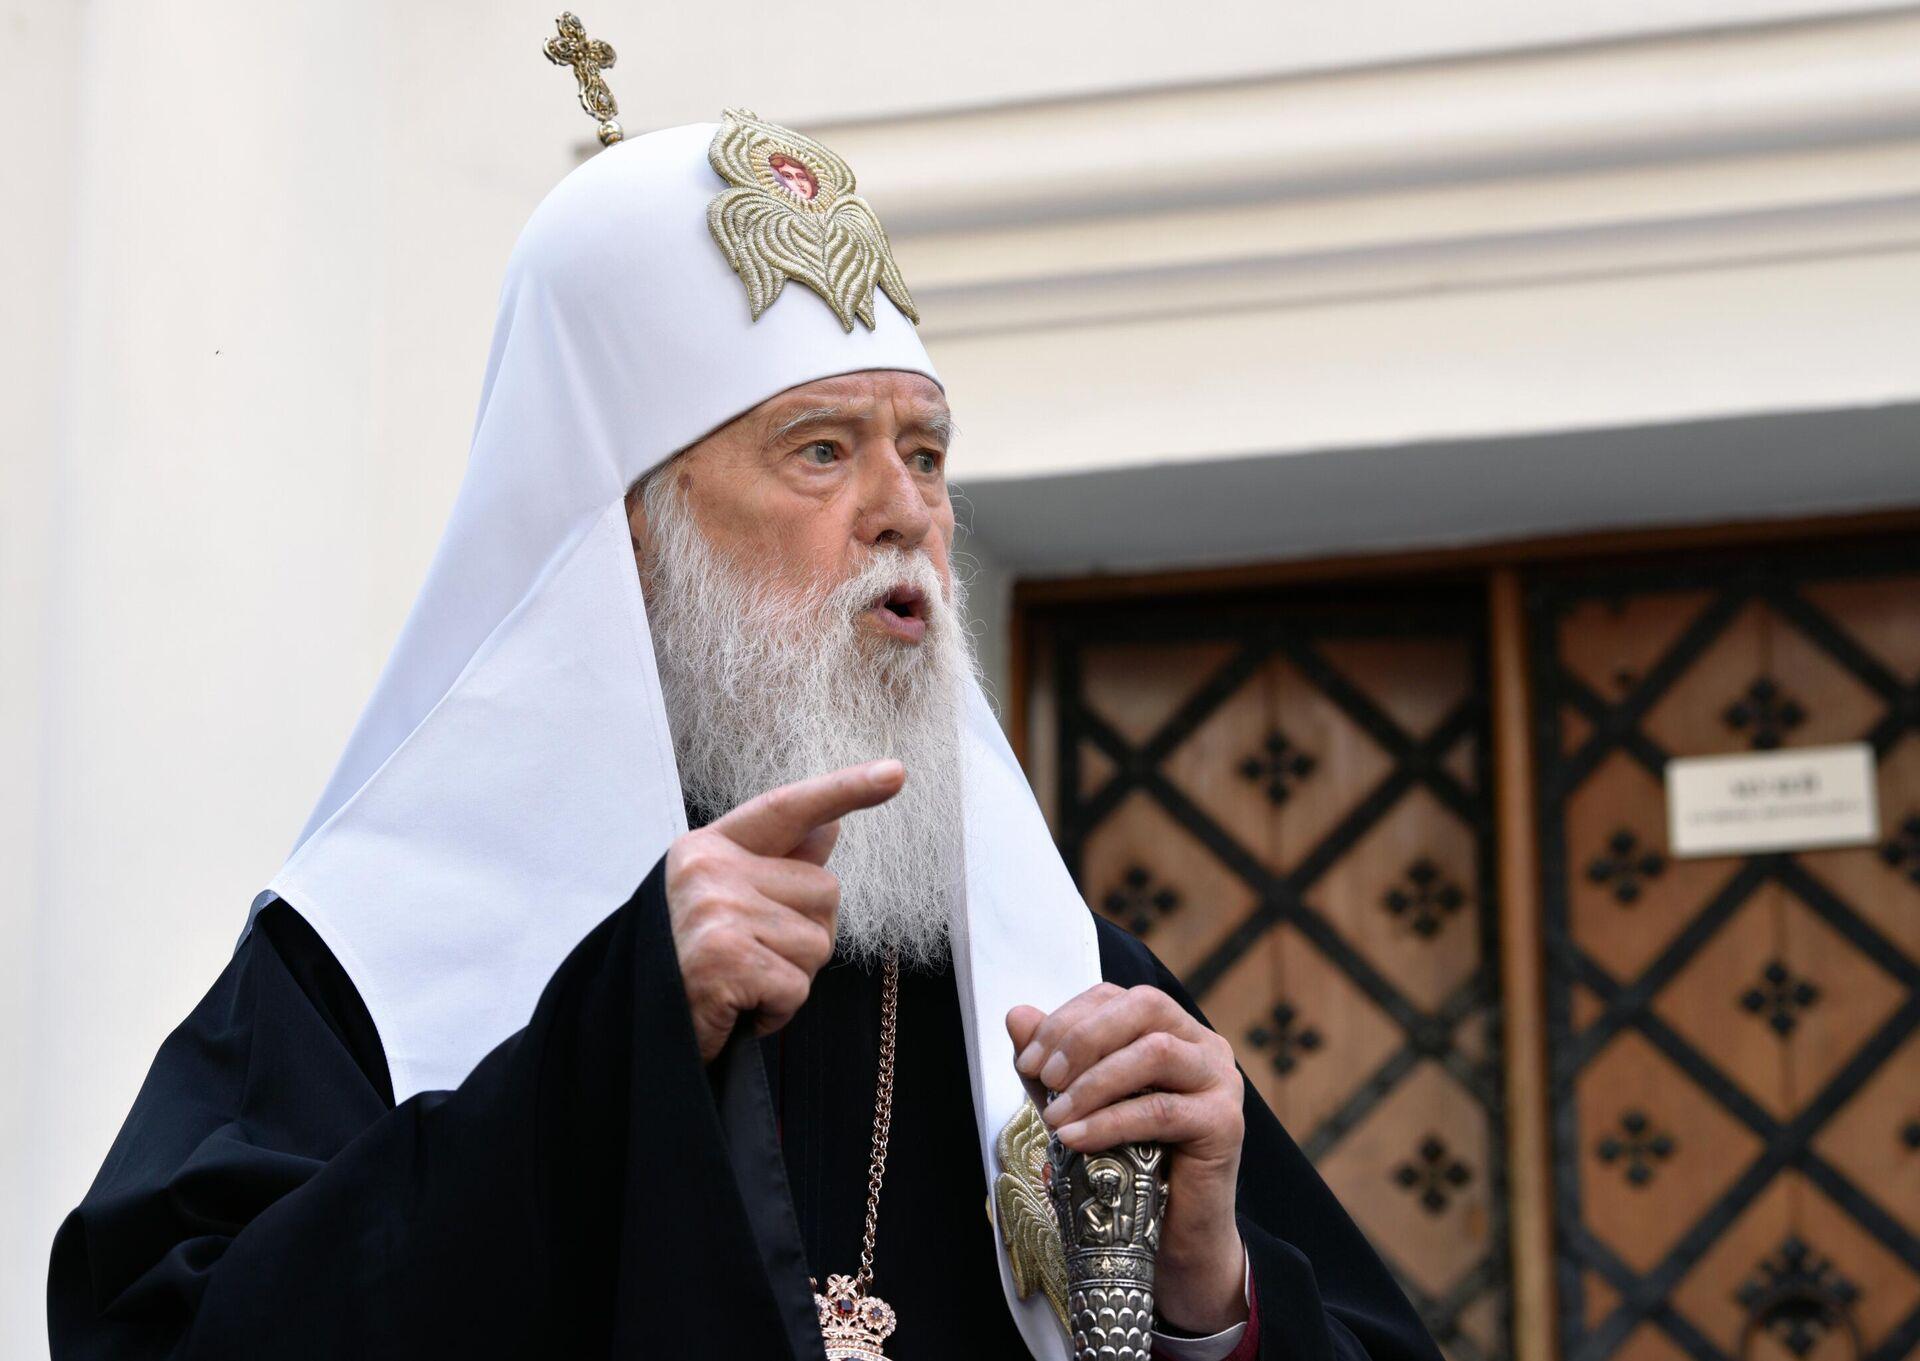 Заседание синода Православной церкви Украины - РИА Новости, 1920, 09.04.2021